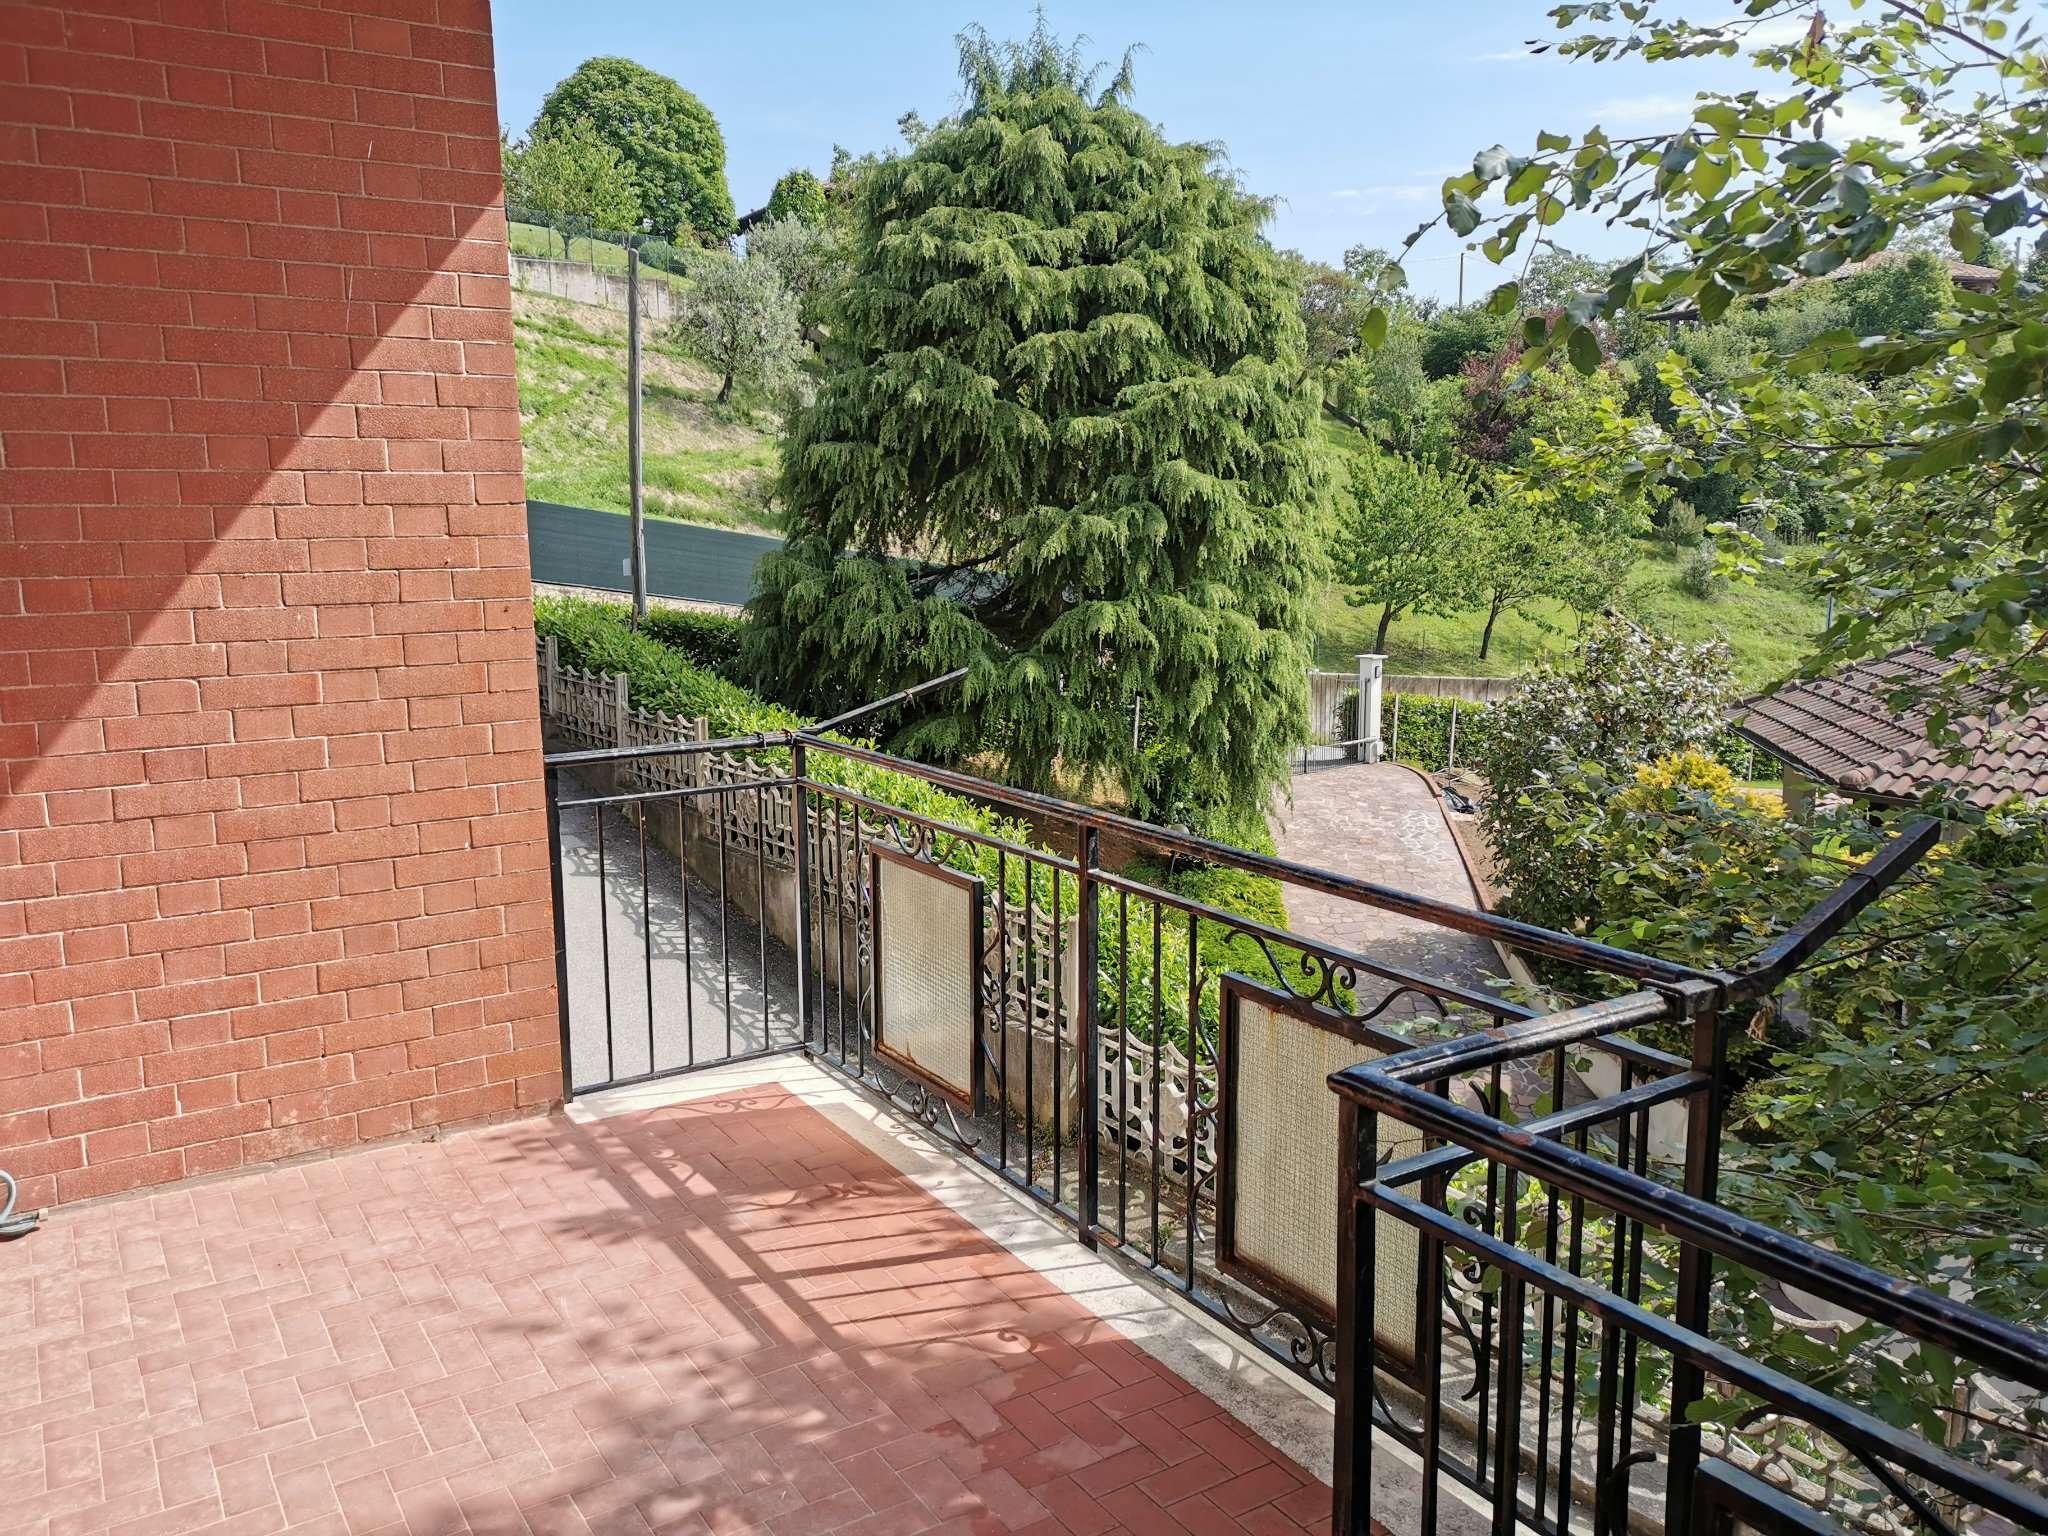 Appartamento in vendita a Cocconato, 3 locali, prezzo € 25.000   PortaleAgenzieImmobiliari.it